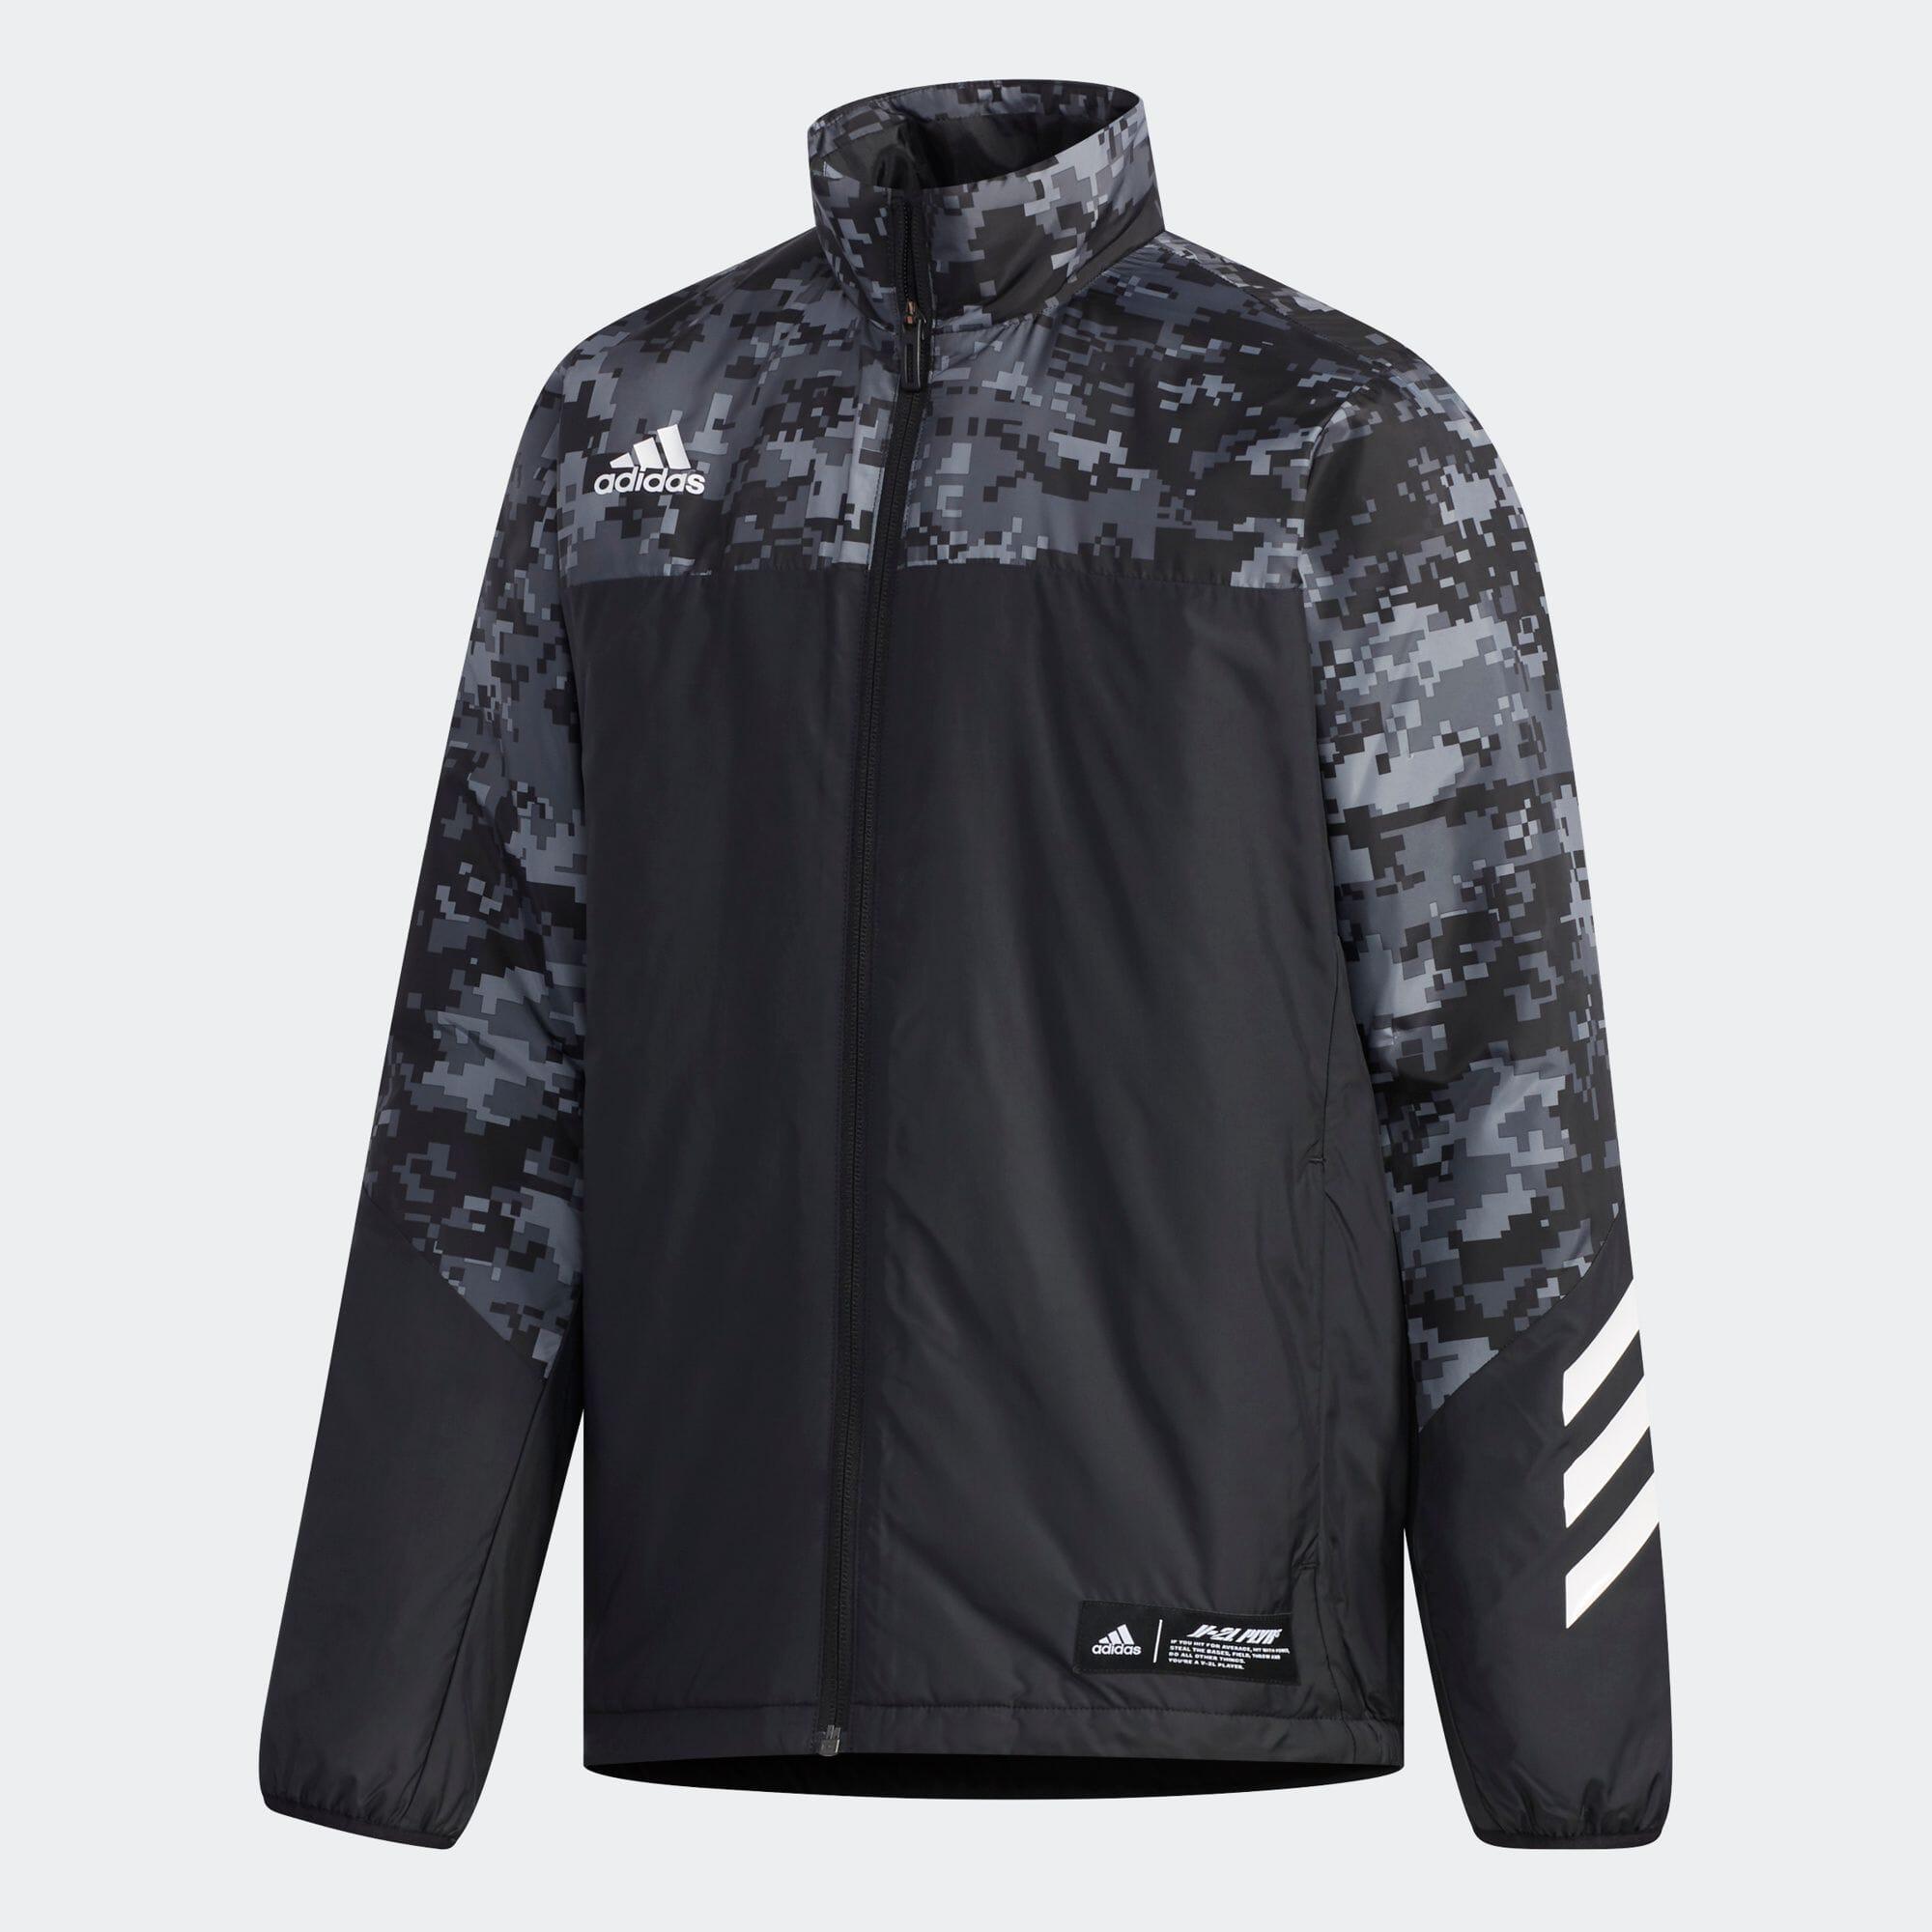 5T パデッドジャケット  /  Kids Padded Jacket